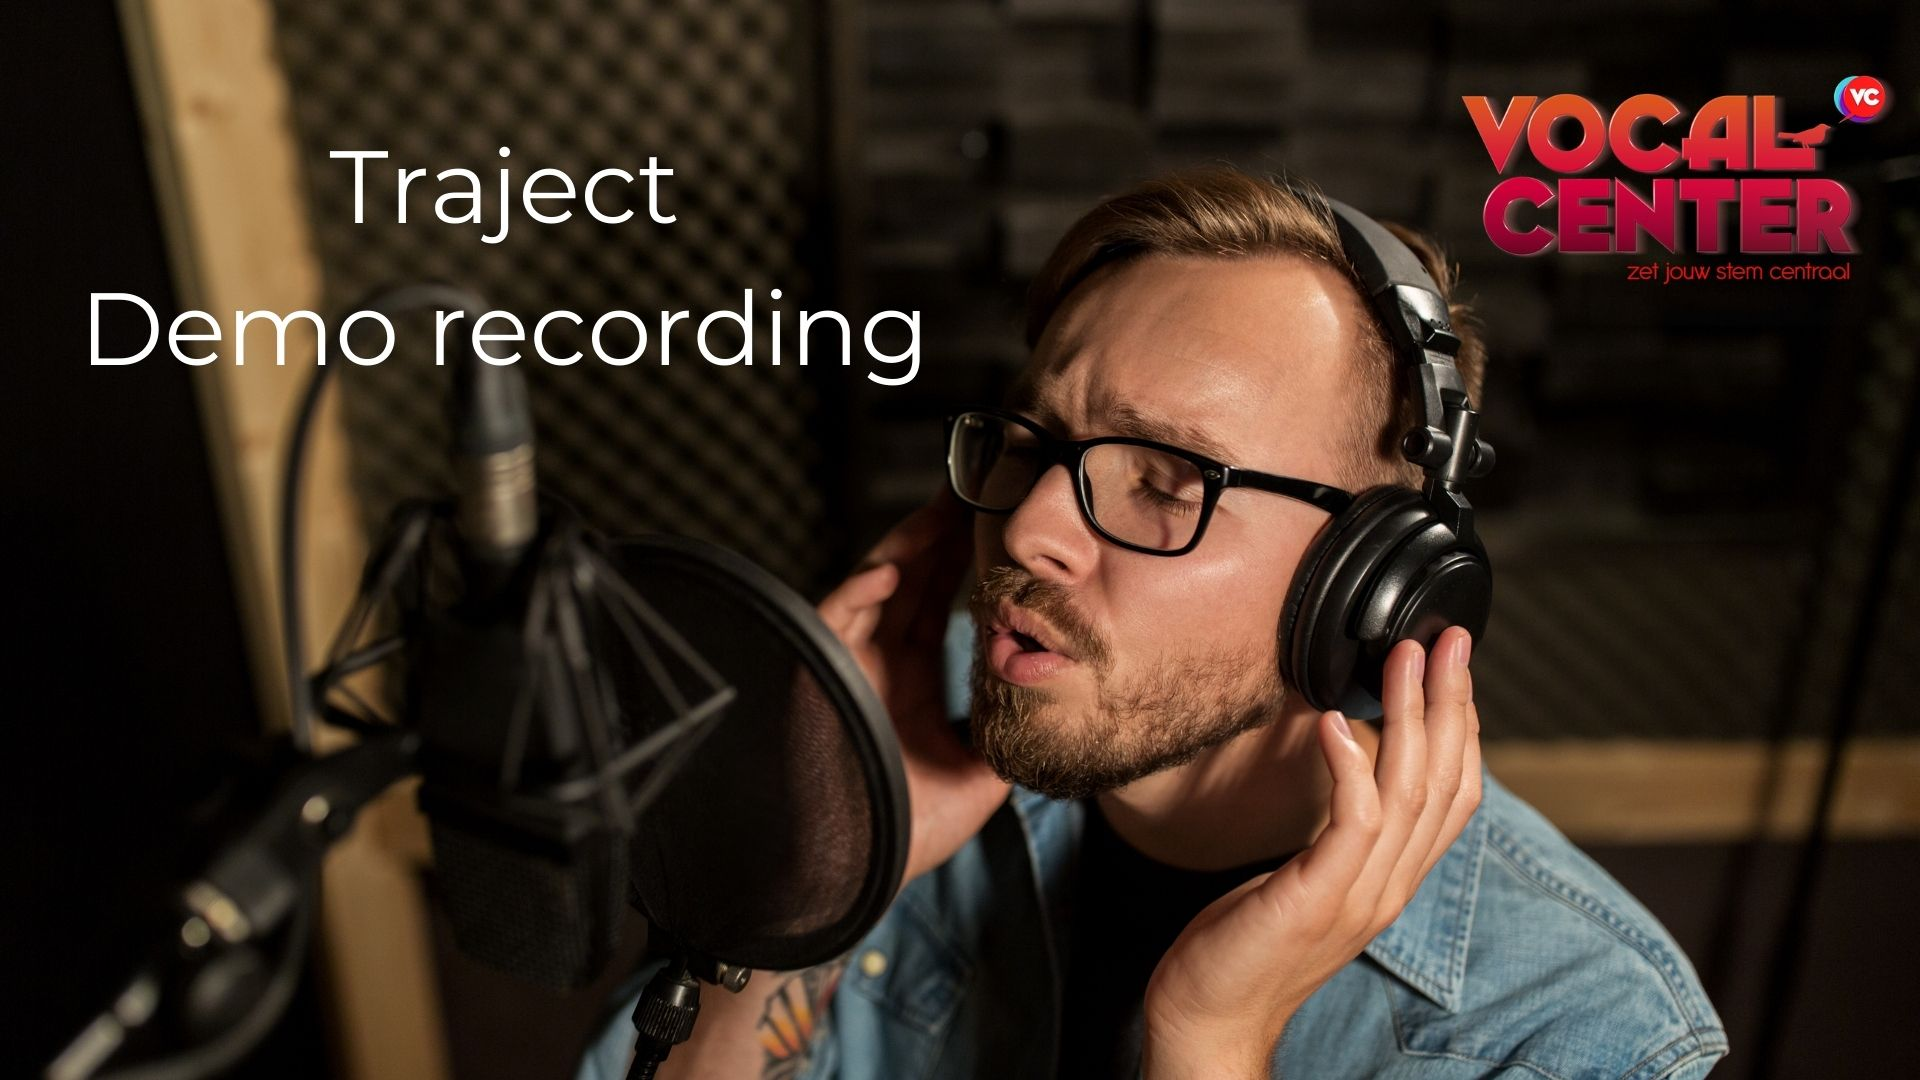 Een goede demo maken, zangdemo maken, demo voor audities maken